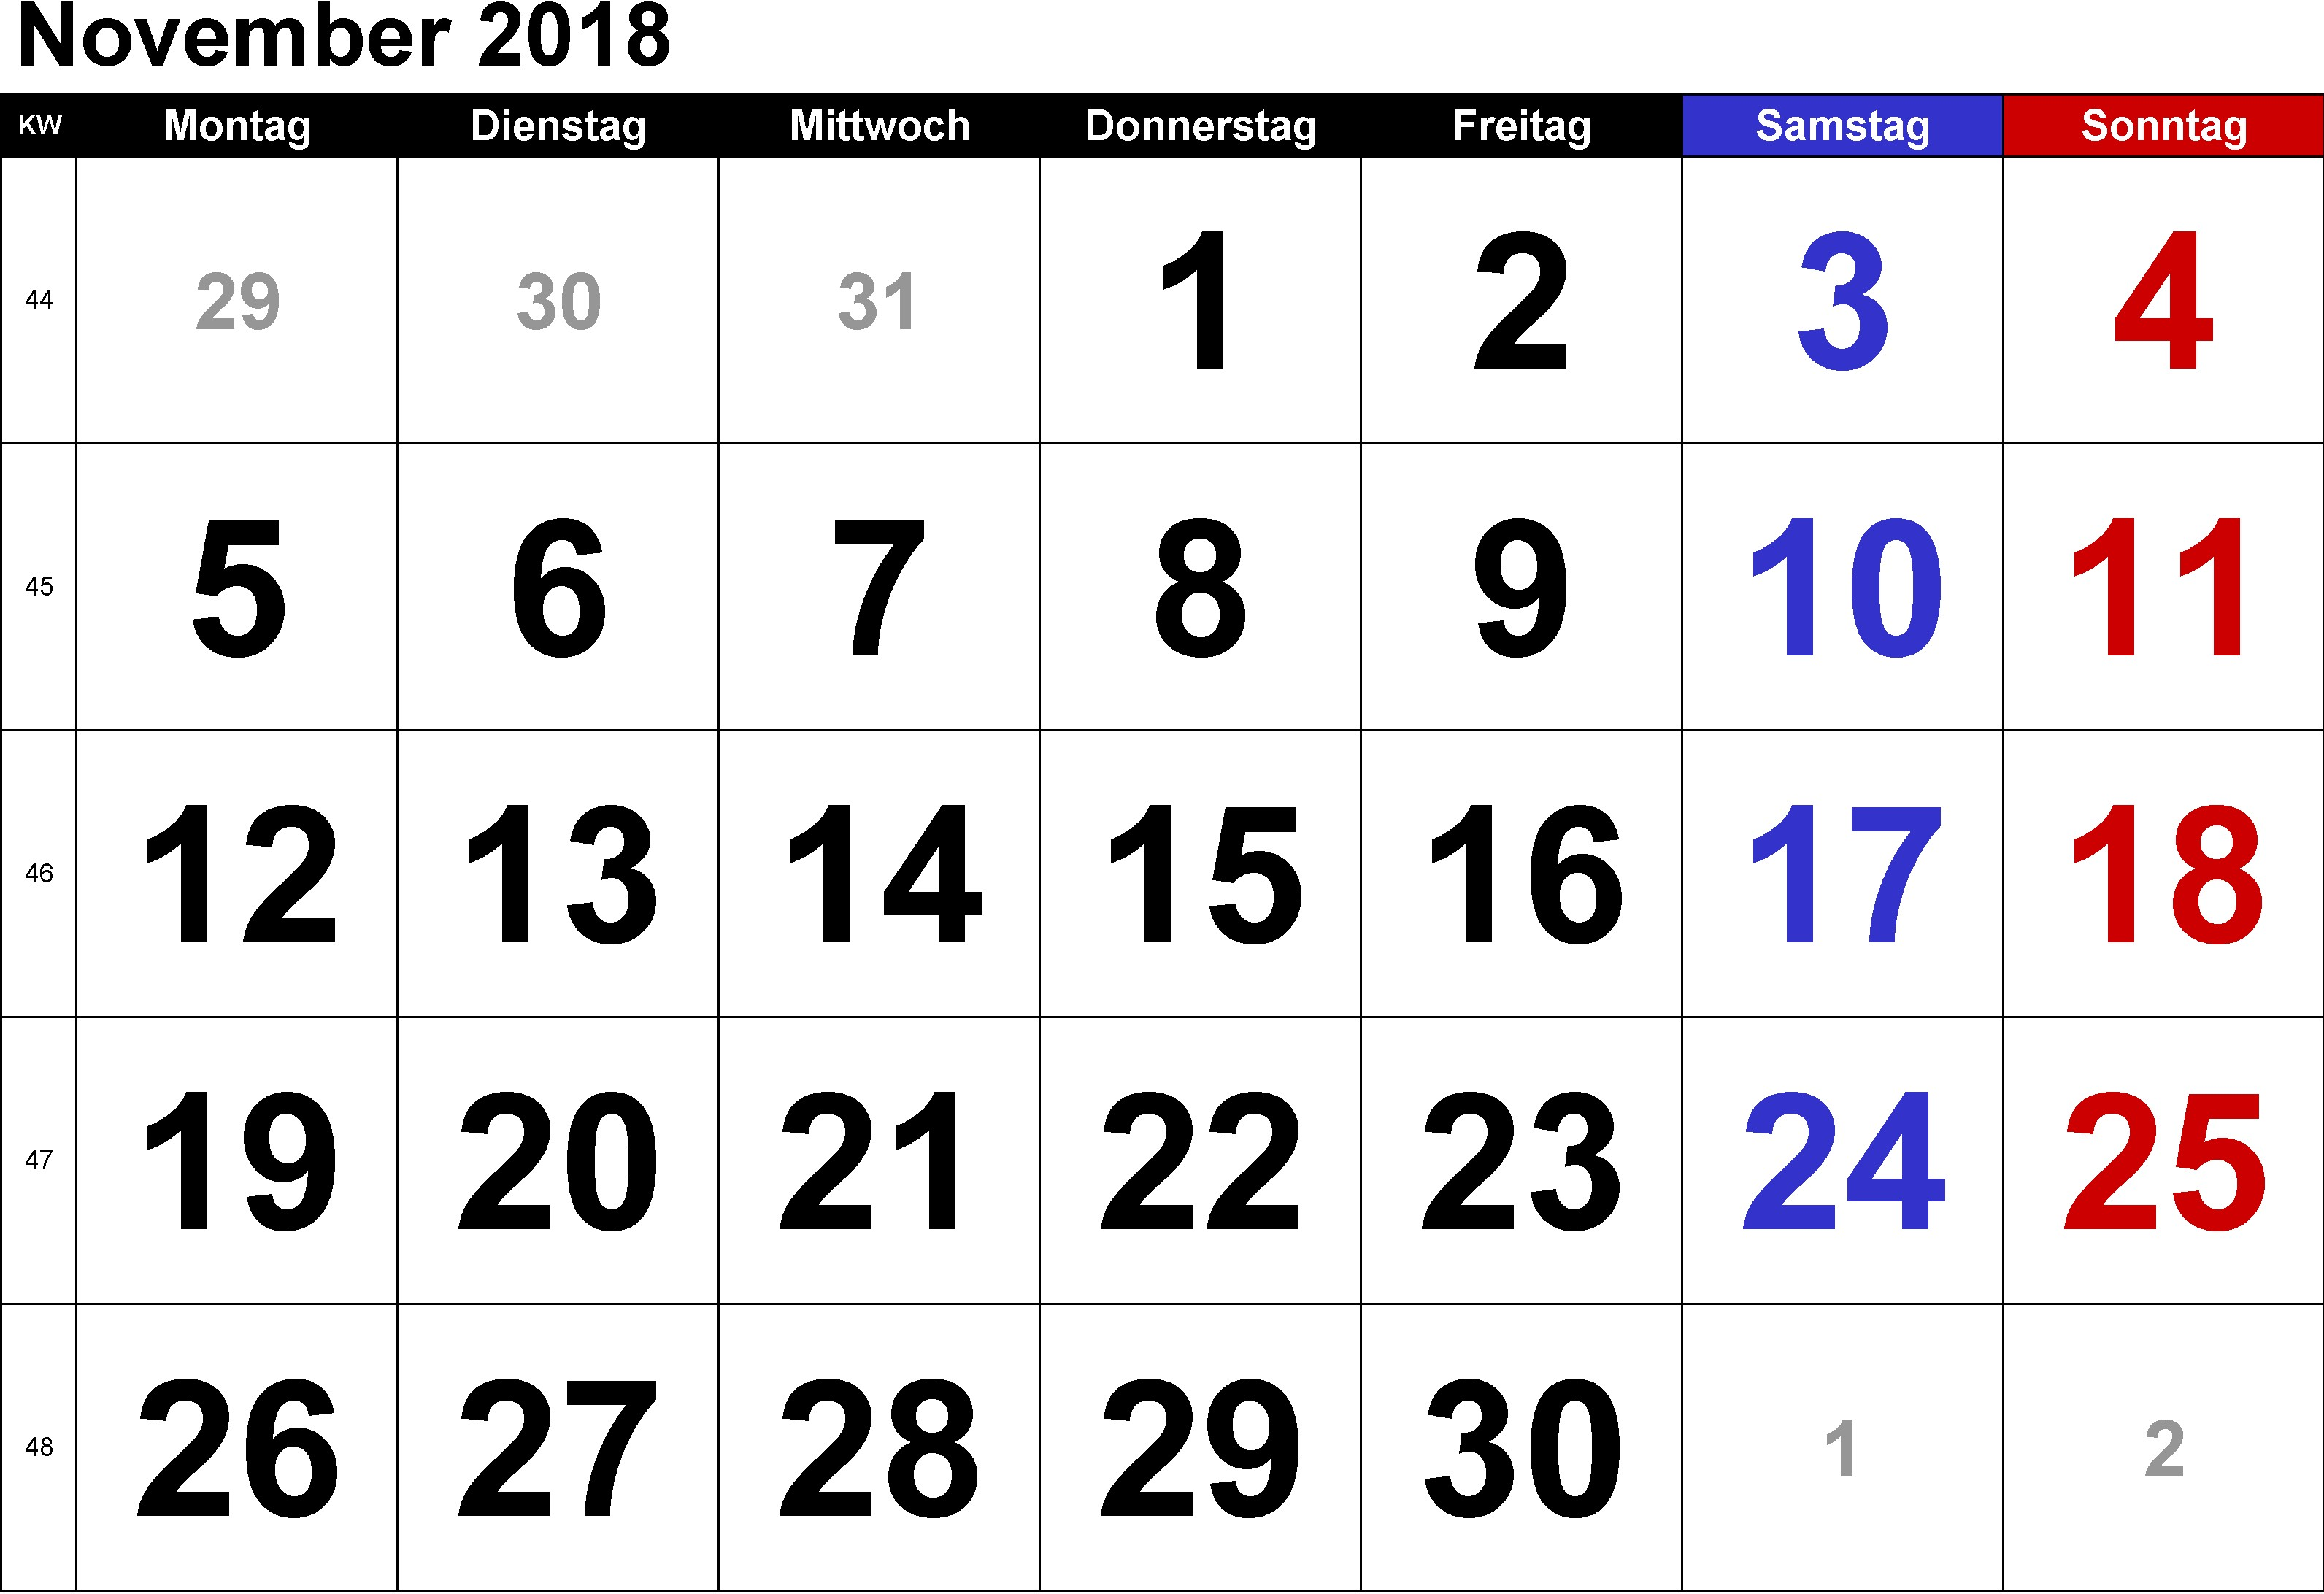 Calendario Noviembre 2017 Imprimir Gratis Mejores Y Más Novedosos Kalender Jawa November 2018 Of Calendario Noviembre 2017 Imprimir Gratis Más Recientes Calendarios Del Mes Kordurorddiner